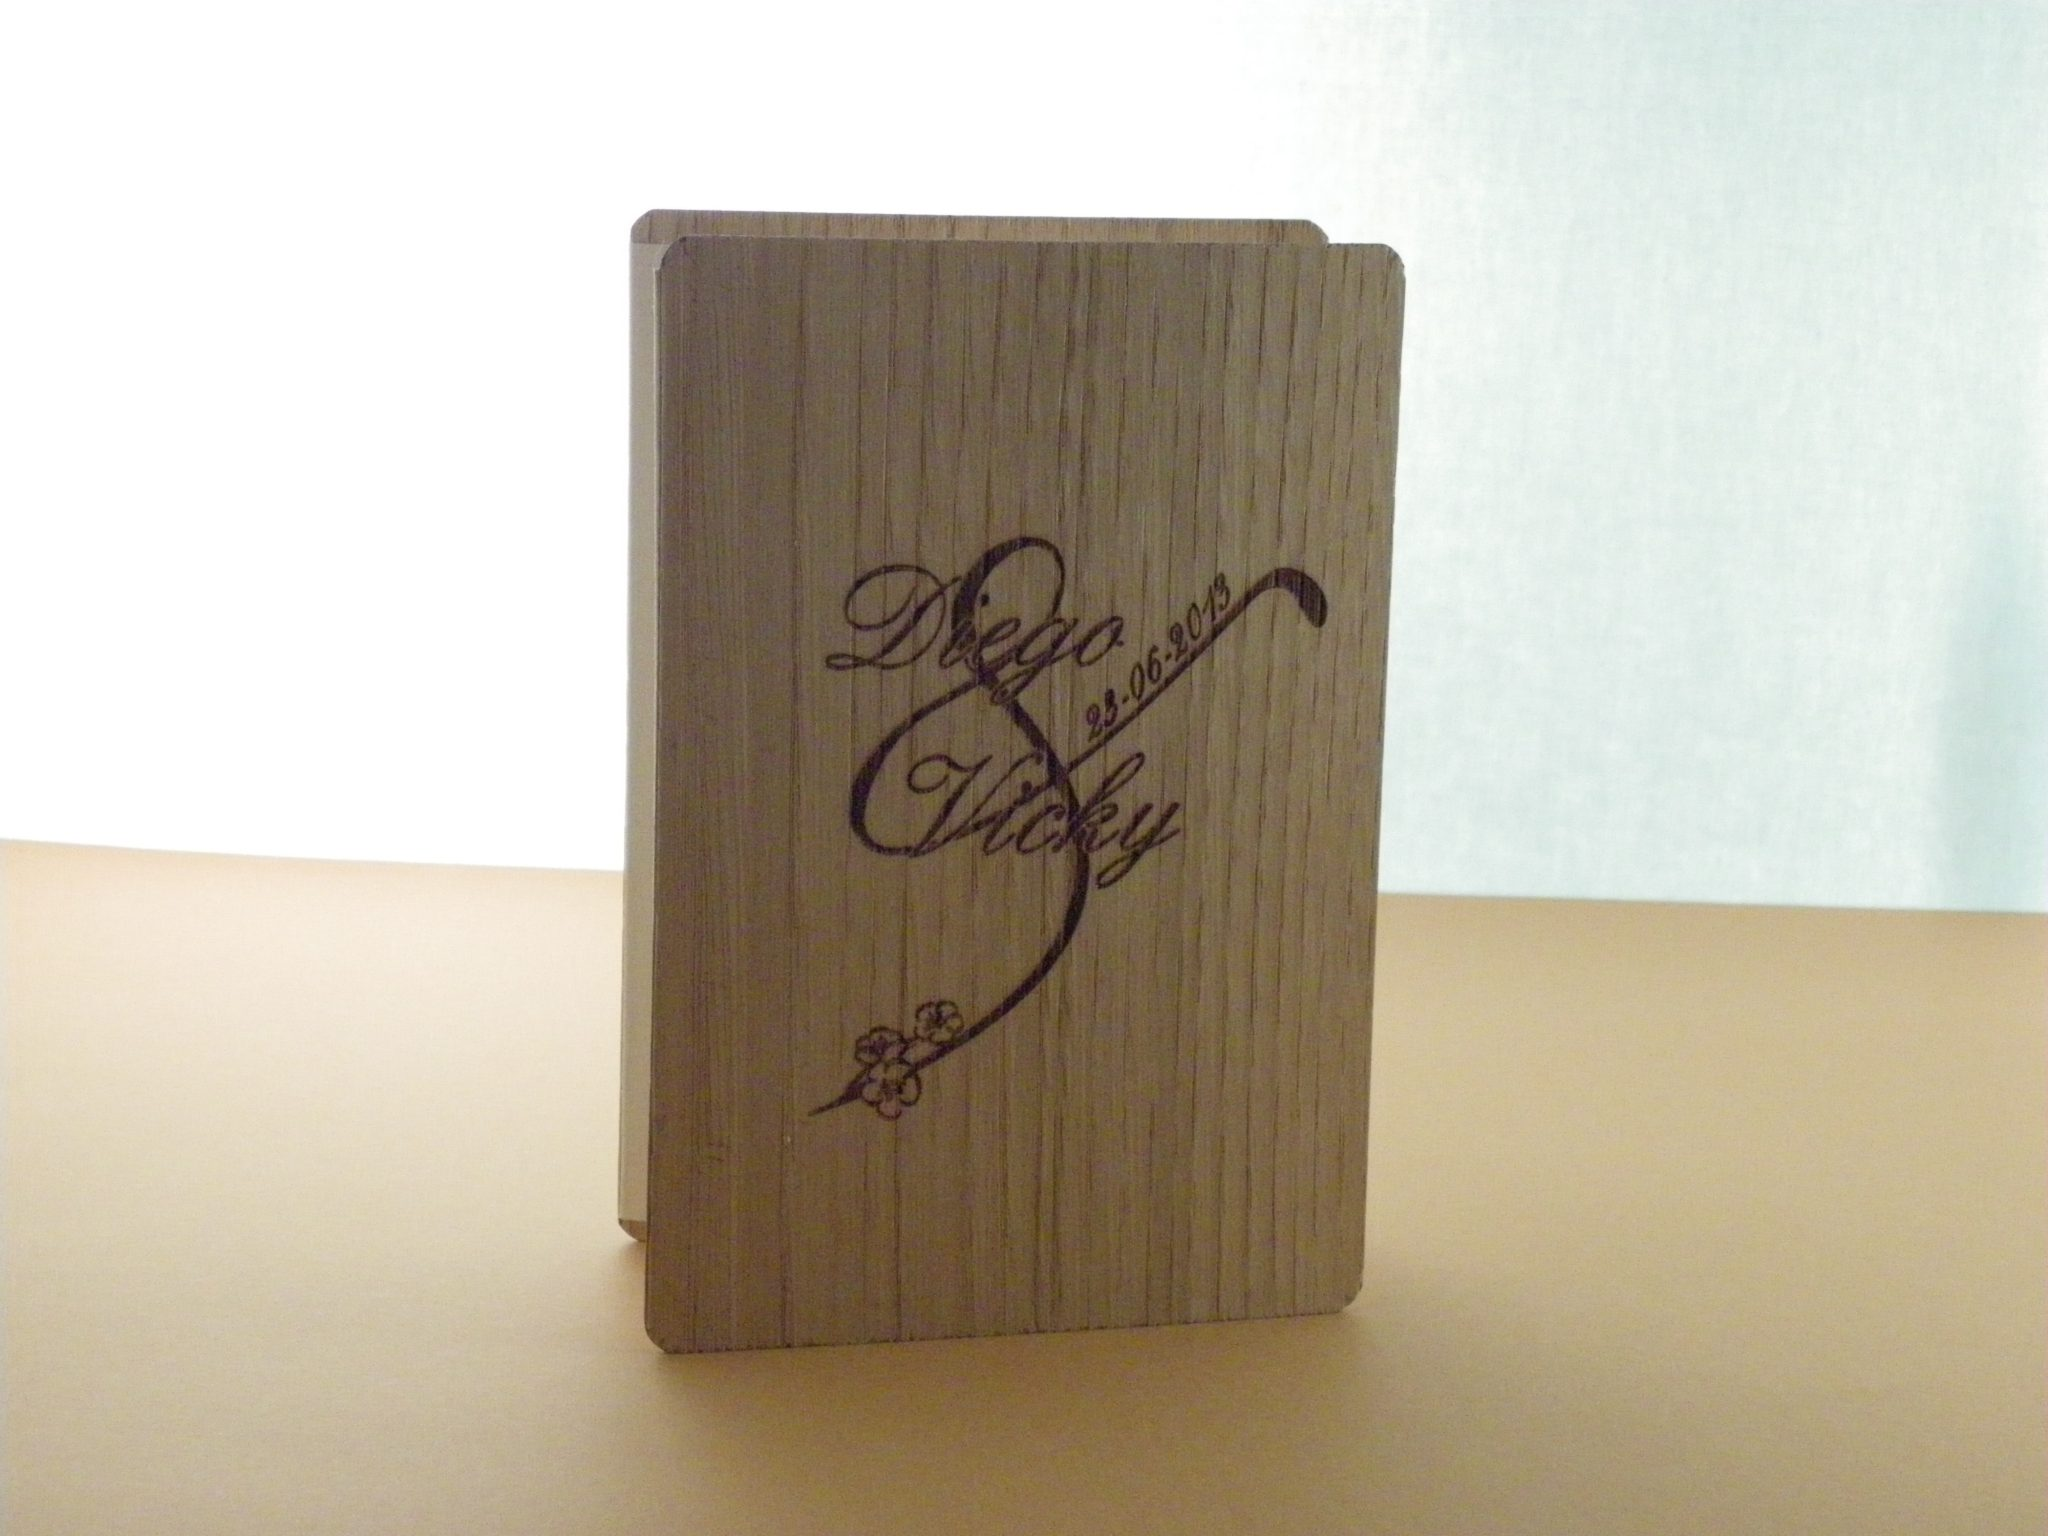 Invitación en madera tipo acordeón plegado